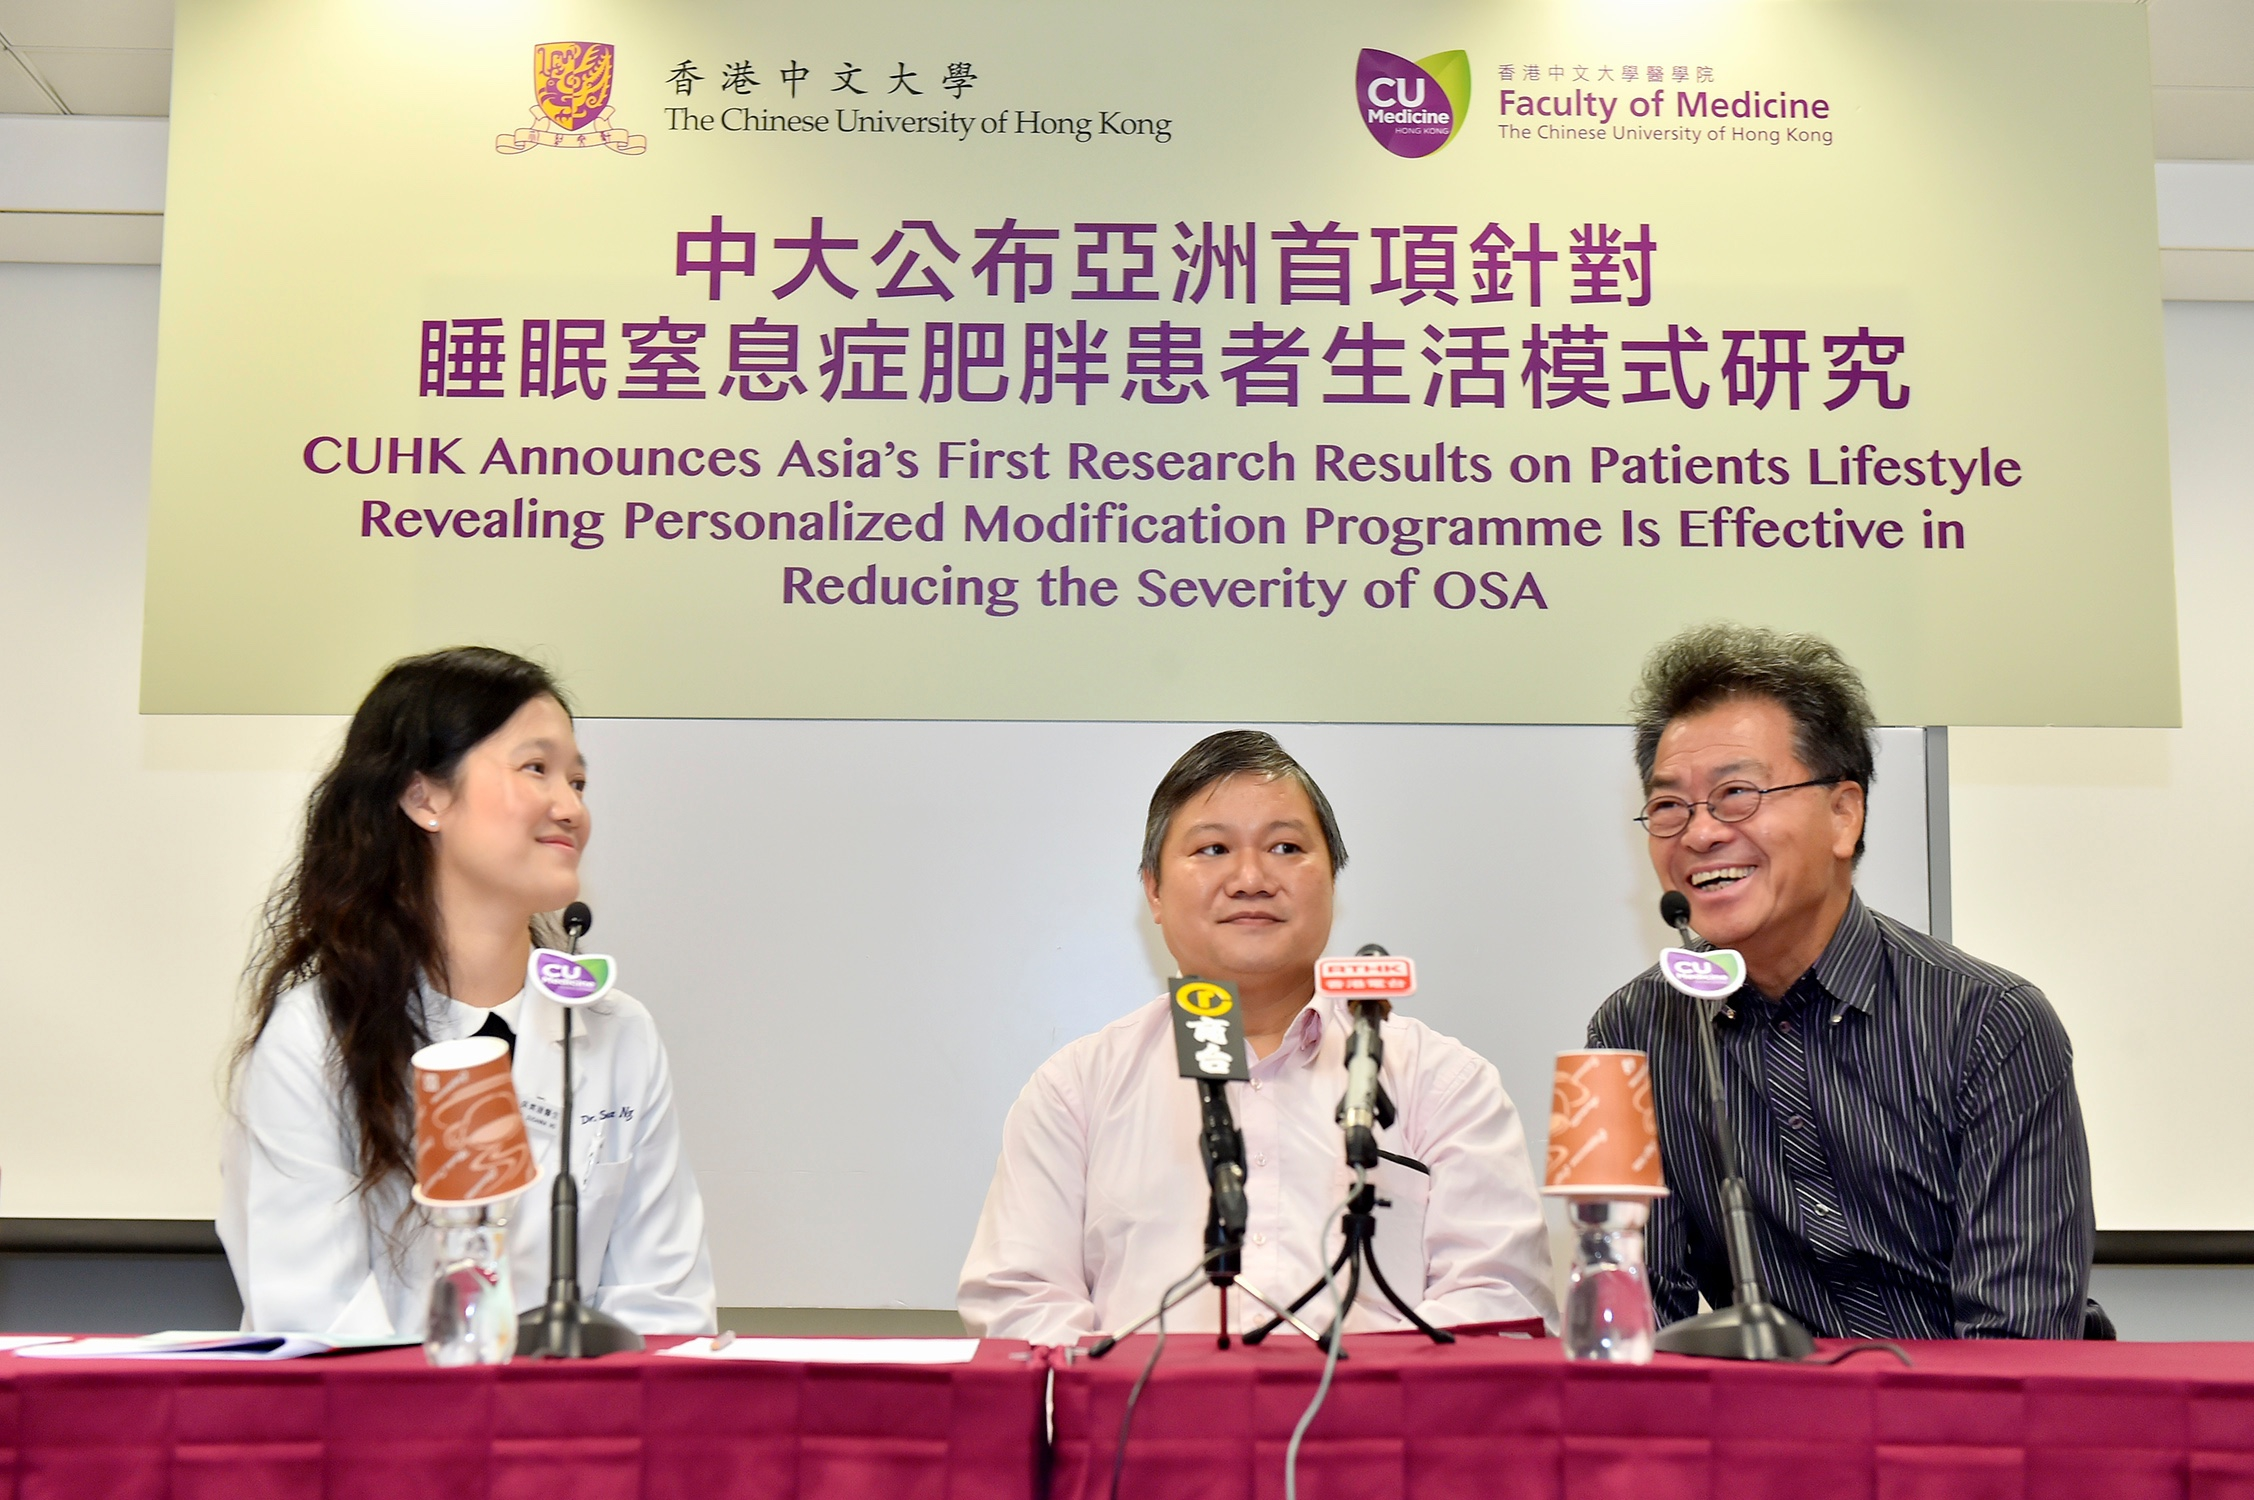 參與研究的郭先生(右)表示,參加生活模式輔導12個月後,其日間嗜睡問題明顯改善;鄭先生(中)的身體質量指數(BMI)也由35減至30。